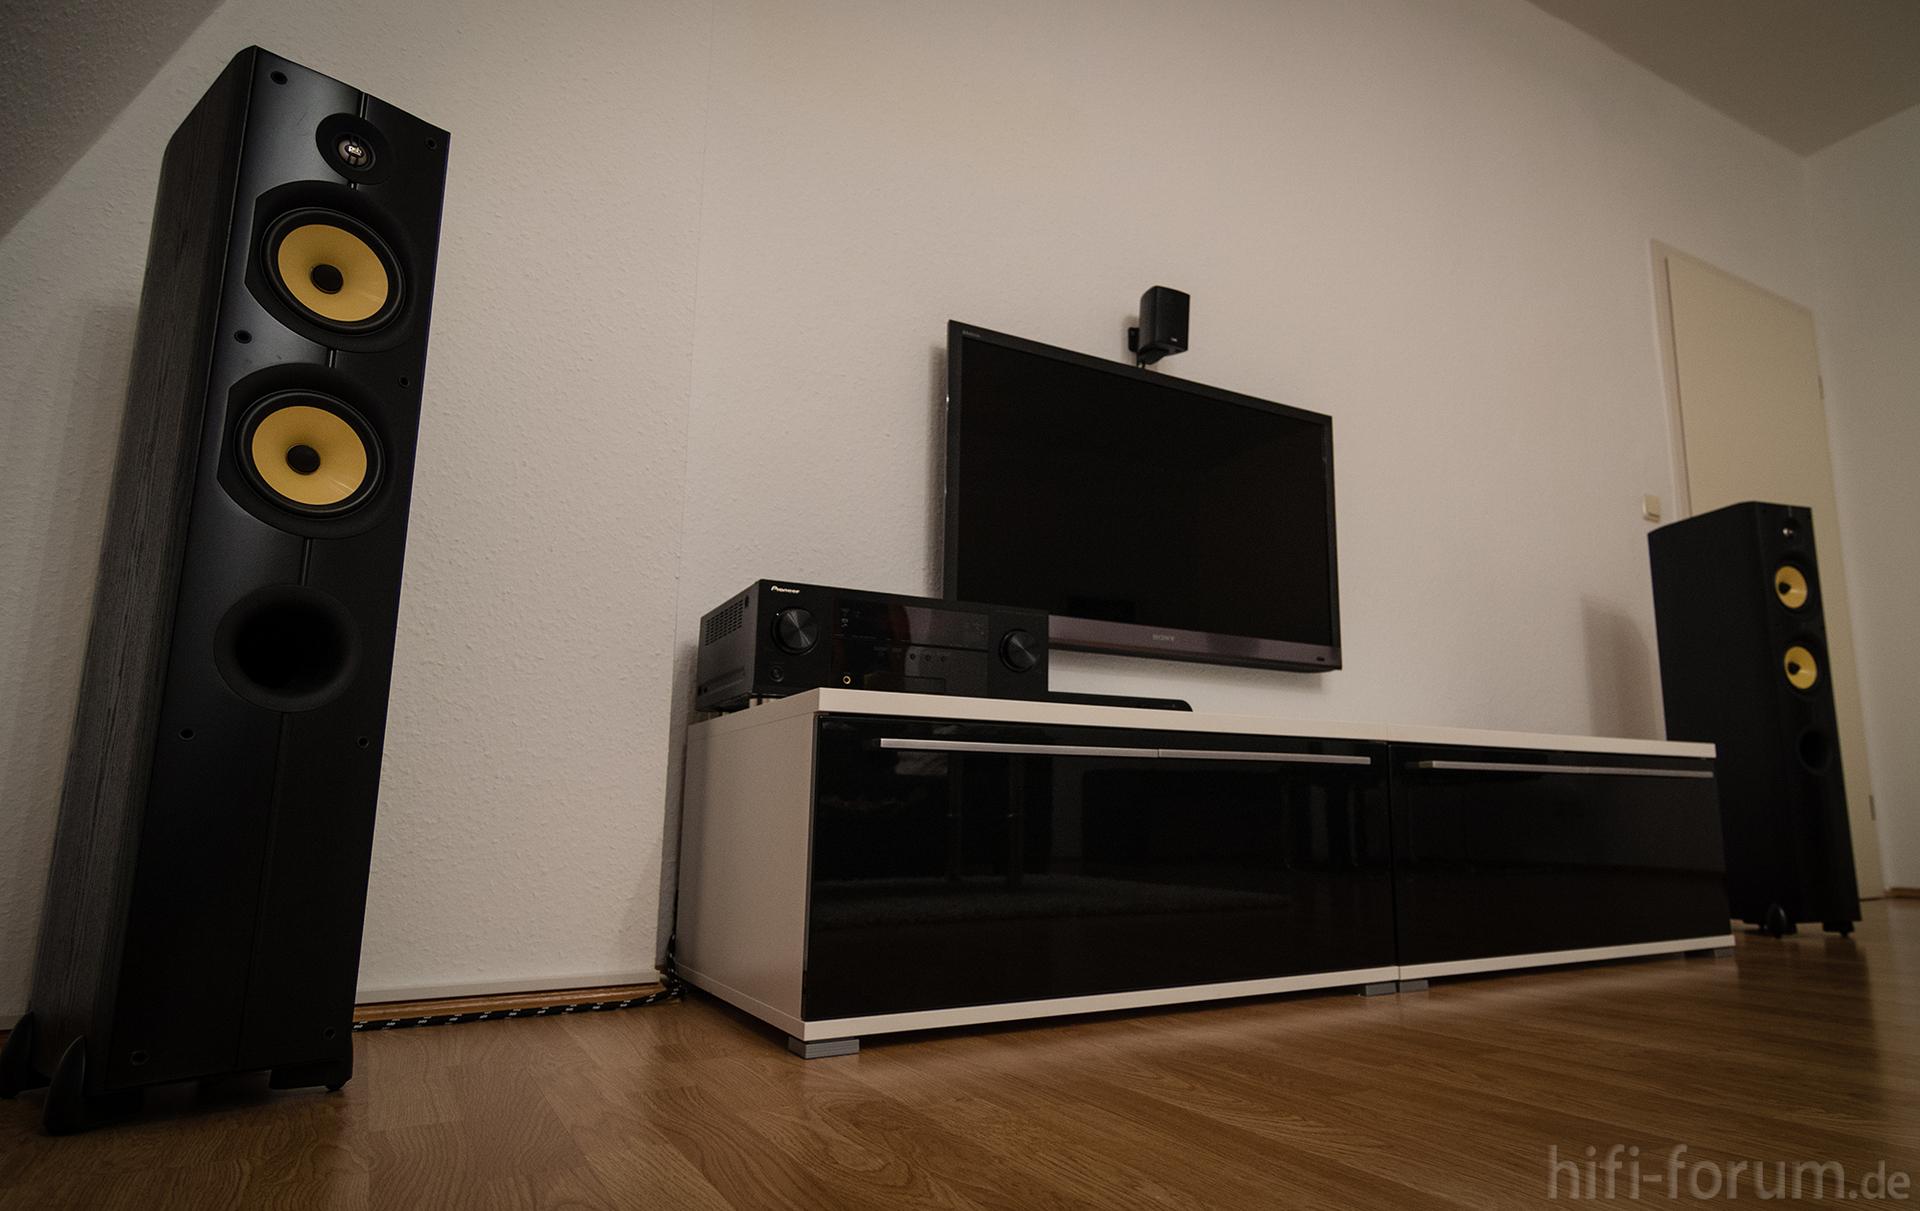 wohnzimmer mit lautsprechern 1 lautsprechern psb t5 wohnzimmer hifi bildergalerie. Black Bedroom Furniture Sets. Home Design Ideas